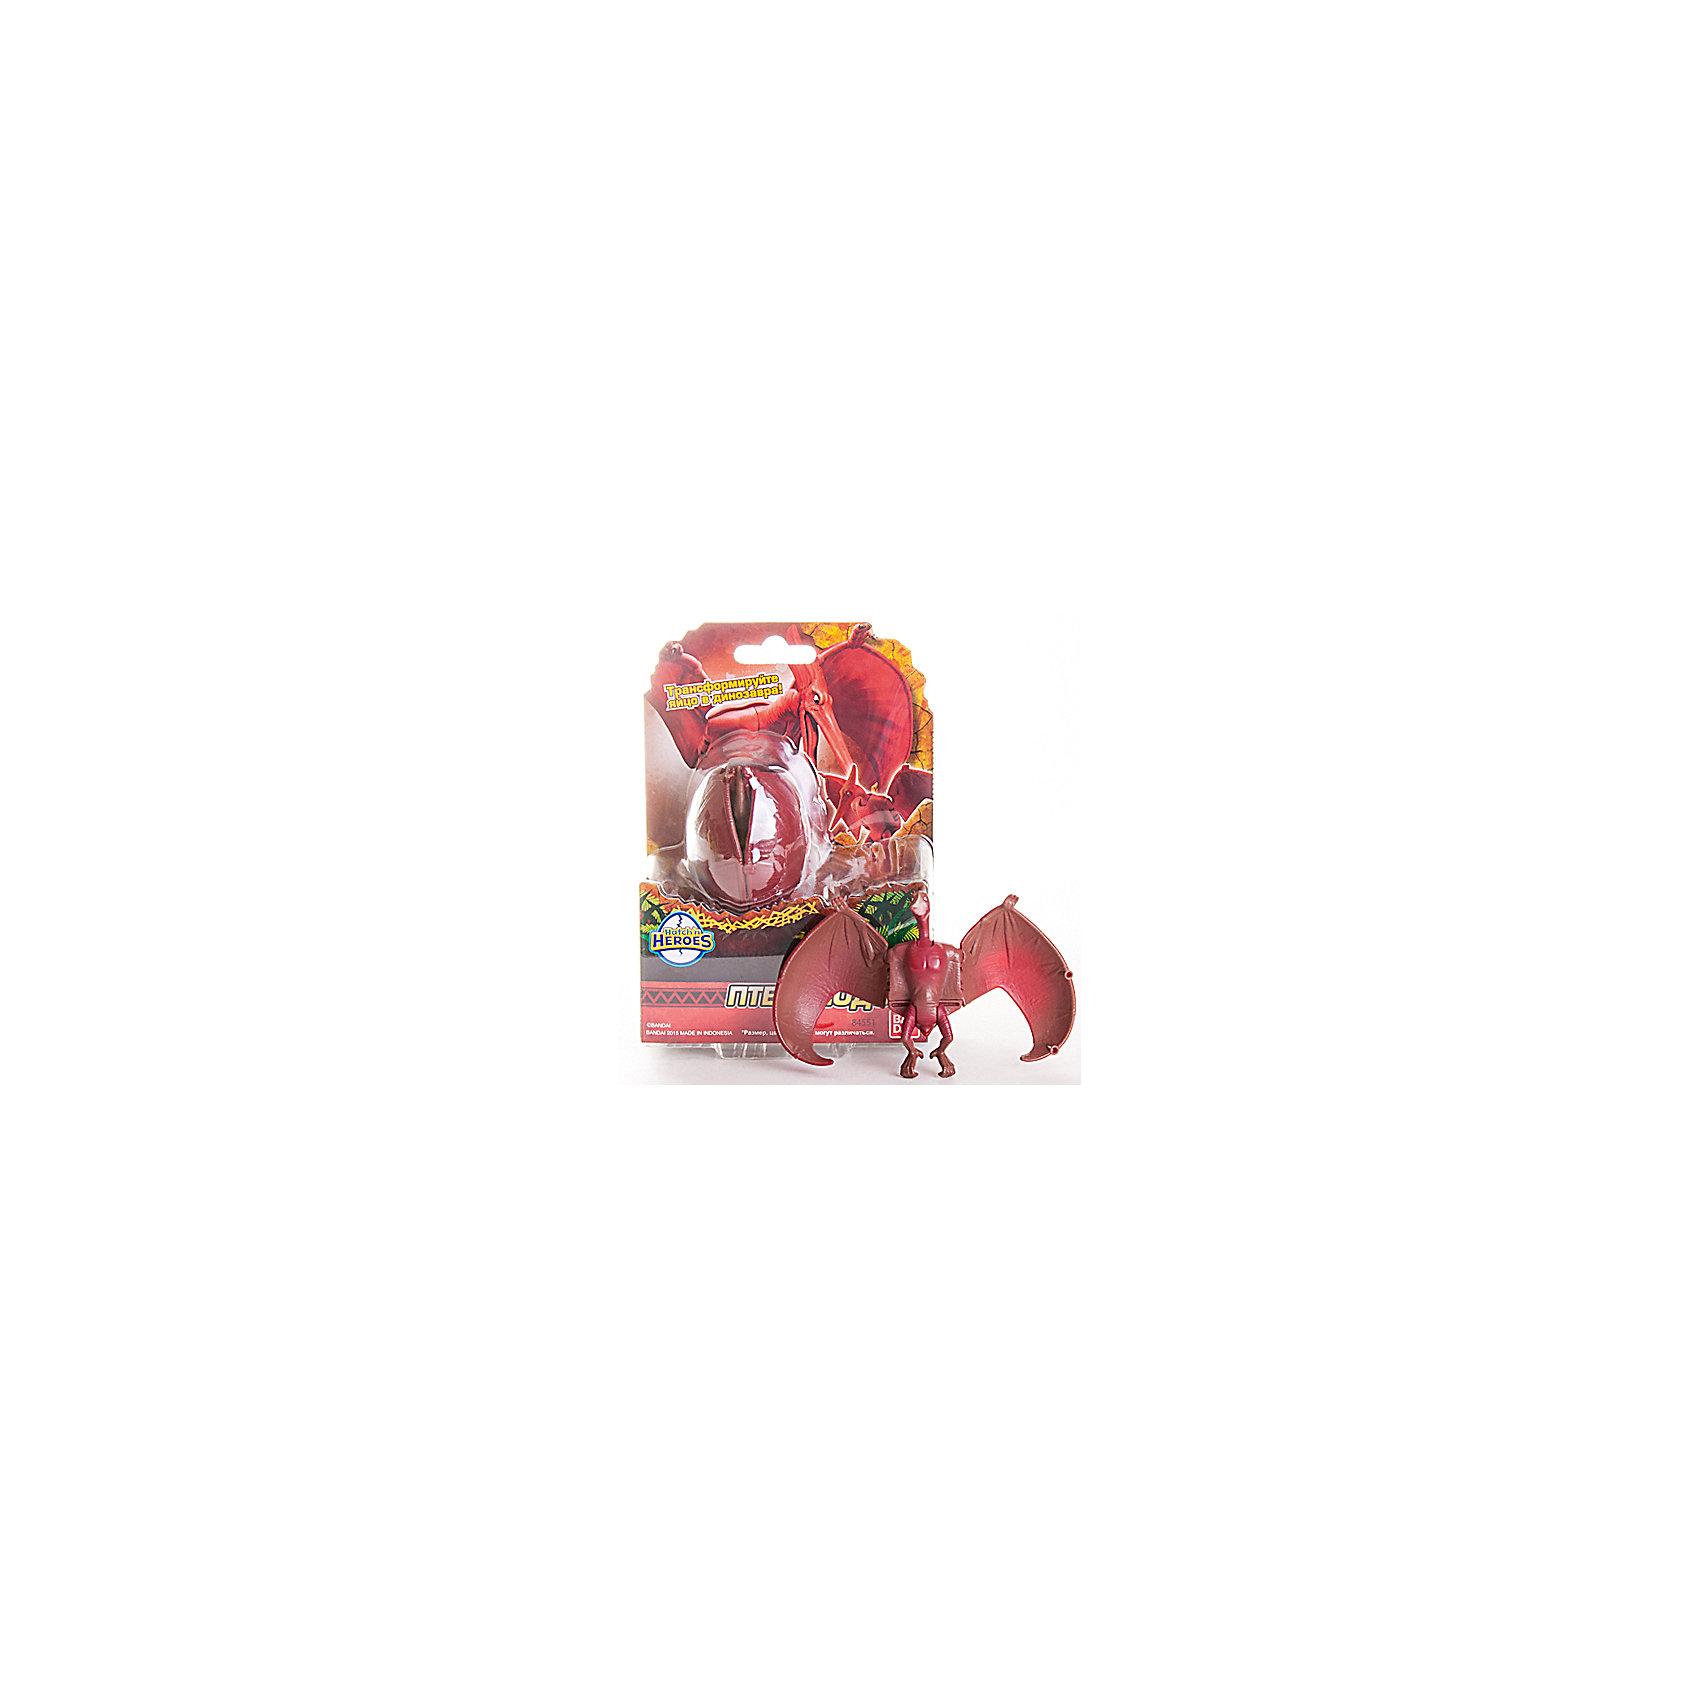 Яйцо-трансформер Птеранодон, EggStarsИгрушка EggStars Птеранодон полностью повторяет облик древних летающих ящеров. У фигурки большие крылья, подвижные части тела и бордовый окрас. Динозавр легко трансформируется, раскладываясь в фигурку и складываясь в овальное яйцо.<br><br>Дополнительная информация:<br><br>- Материал: пластик.<br>- Размер в разобранном состоянии: 5х8х17 см.<br><br>Яйцо-трансформер Птеранодон, EggStars (Эгг Старс), можно купить в нашем магазине.<br><br>Ширина мм: 120<br>Глубина мм: 170<br>Высота мм: 50<br>Вес г: 79<br>Возраст от месяцев: 36<br>Возраст до месяцев: 168<br>Пол: Унисекс<br>Возраст: Детский<br>SKU: 4251484